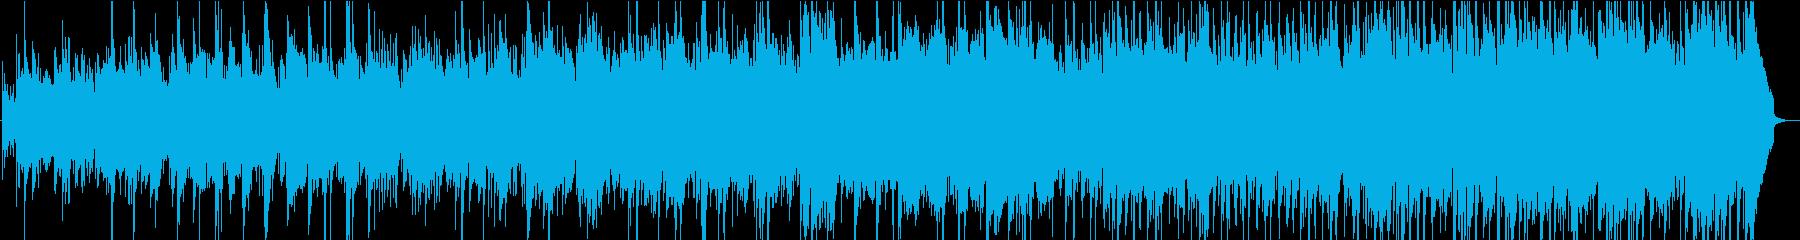 古典的で暖かい曲の再生済みの波形